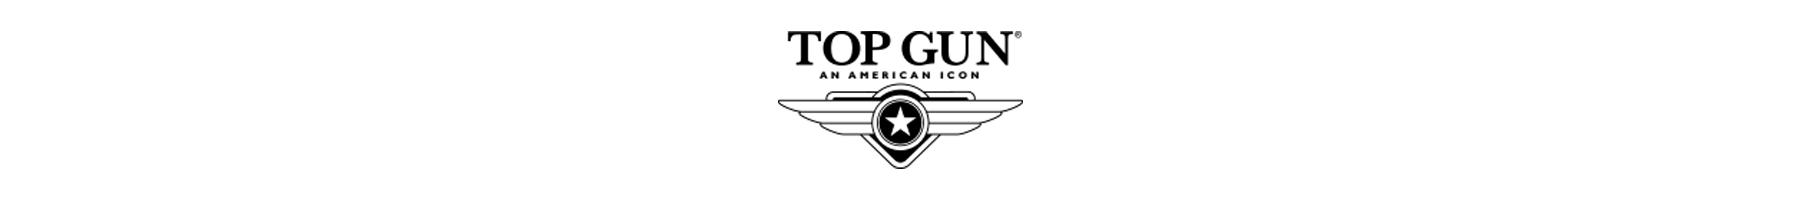 DrJays.com - Top Gun